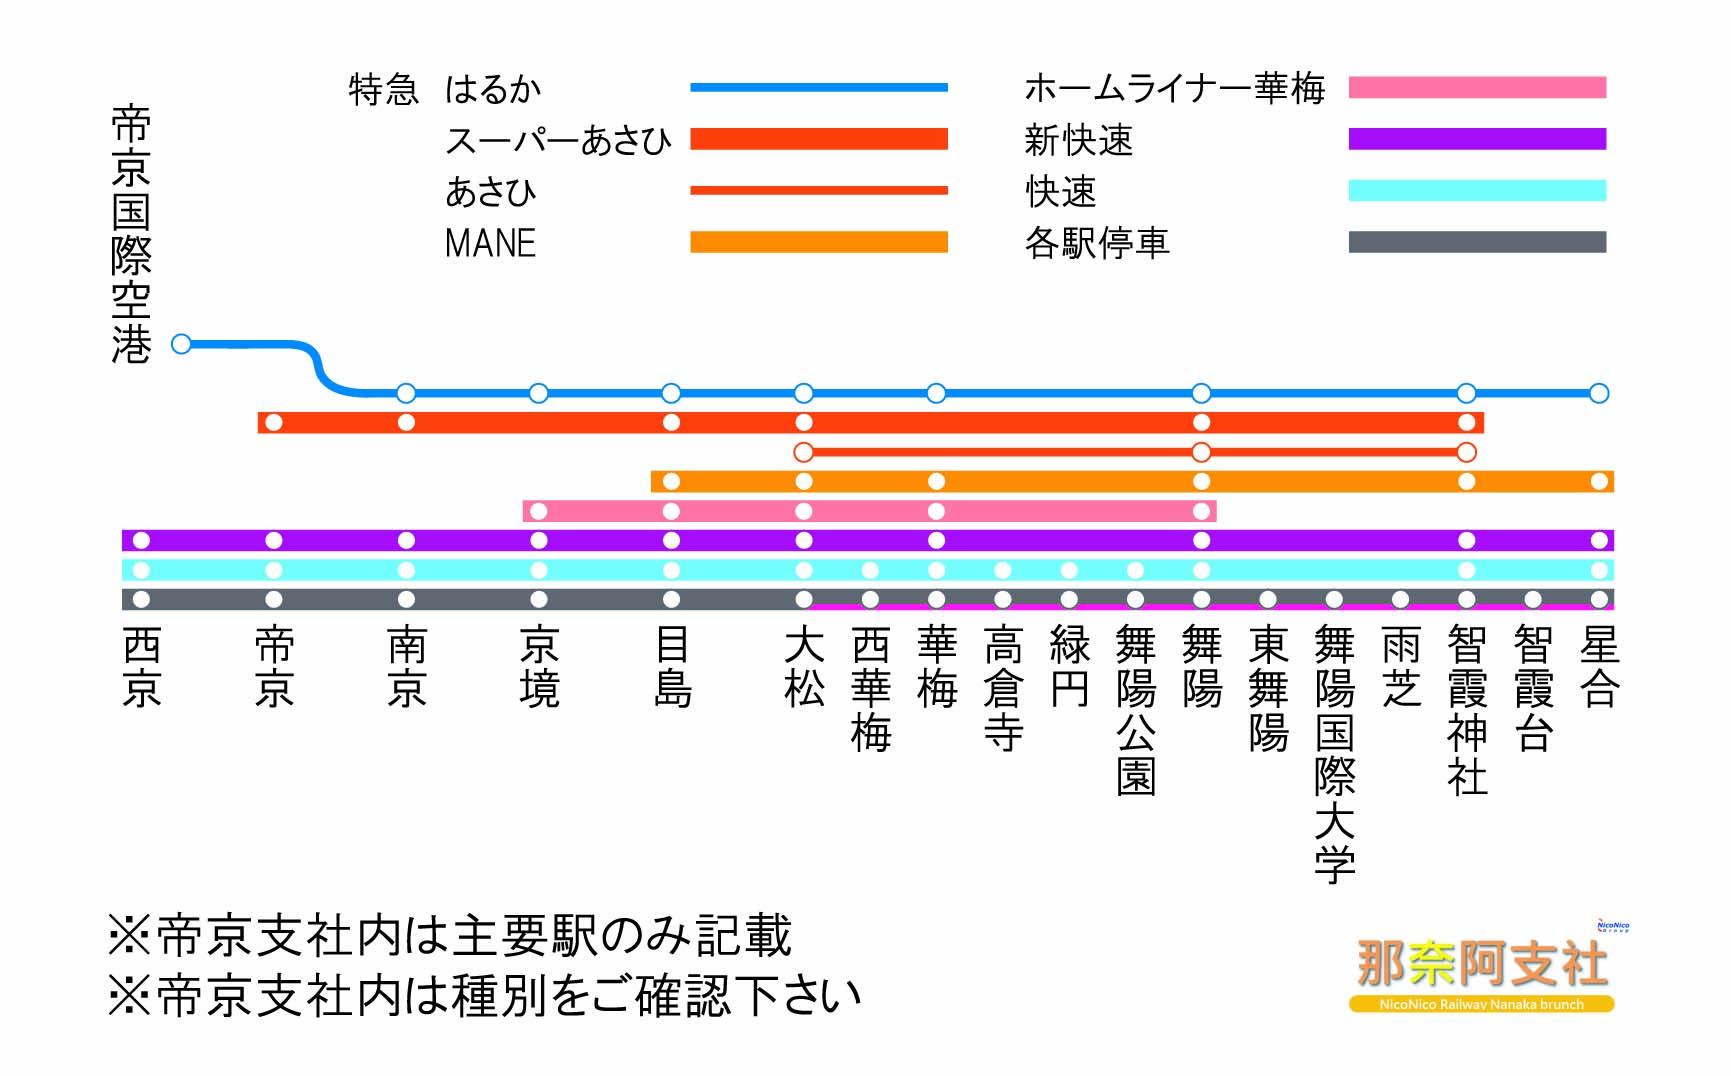 13話華梅線路線図_28のコピー.jpg